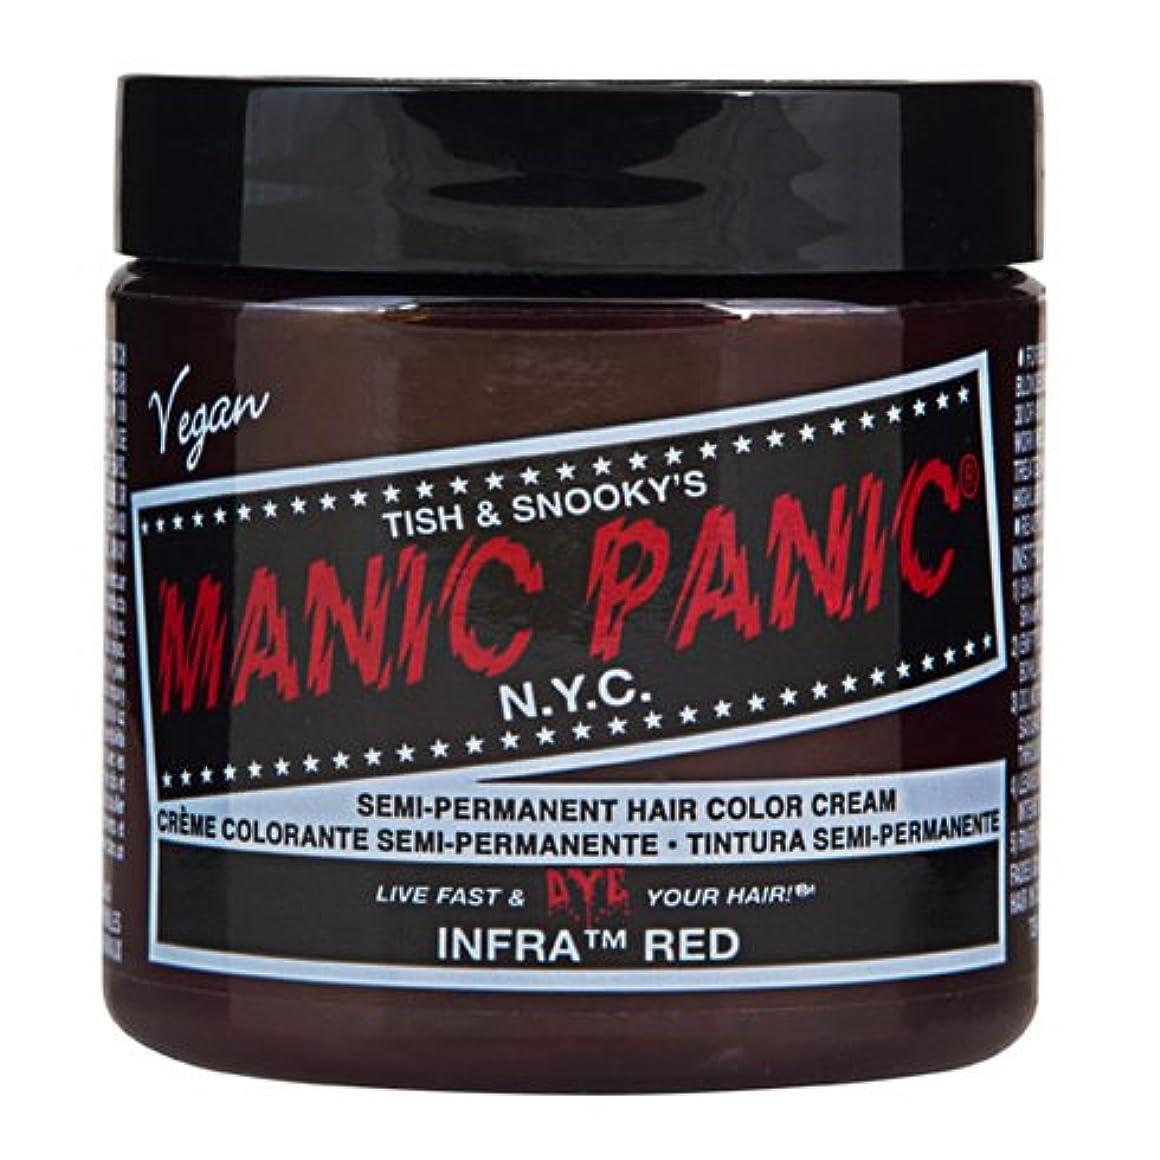 文変わる辞任スペシャルセットMANIC PANICマニックパニック:Infra Red (インフラ?レッド)+ヘアカラーケア4点セット